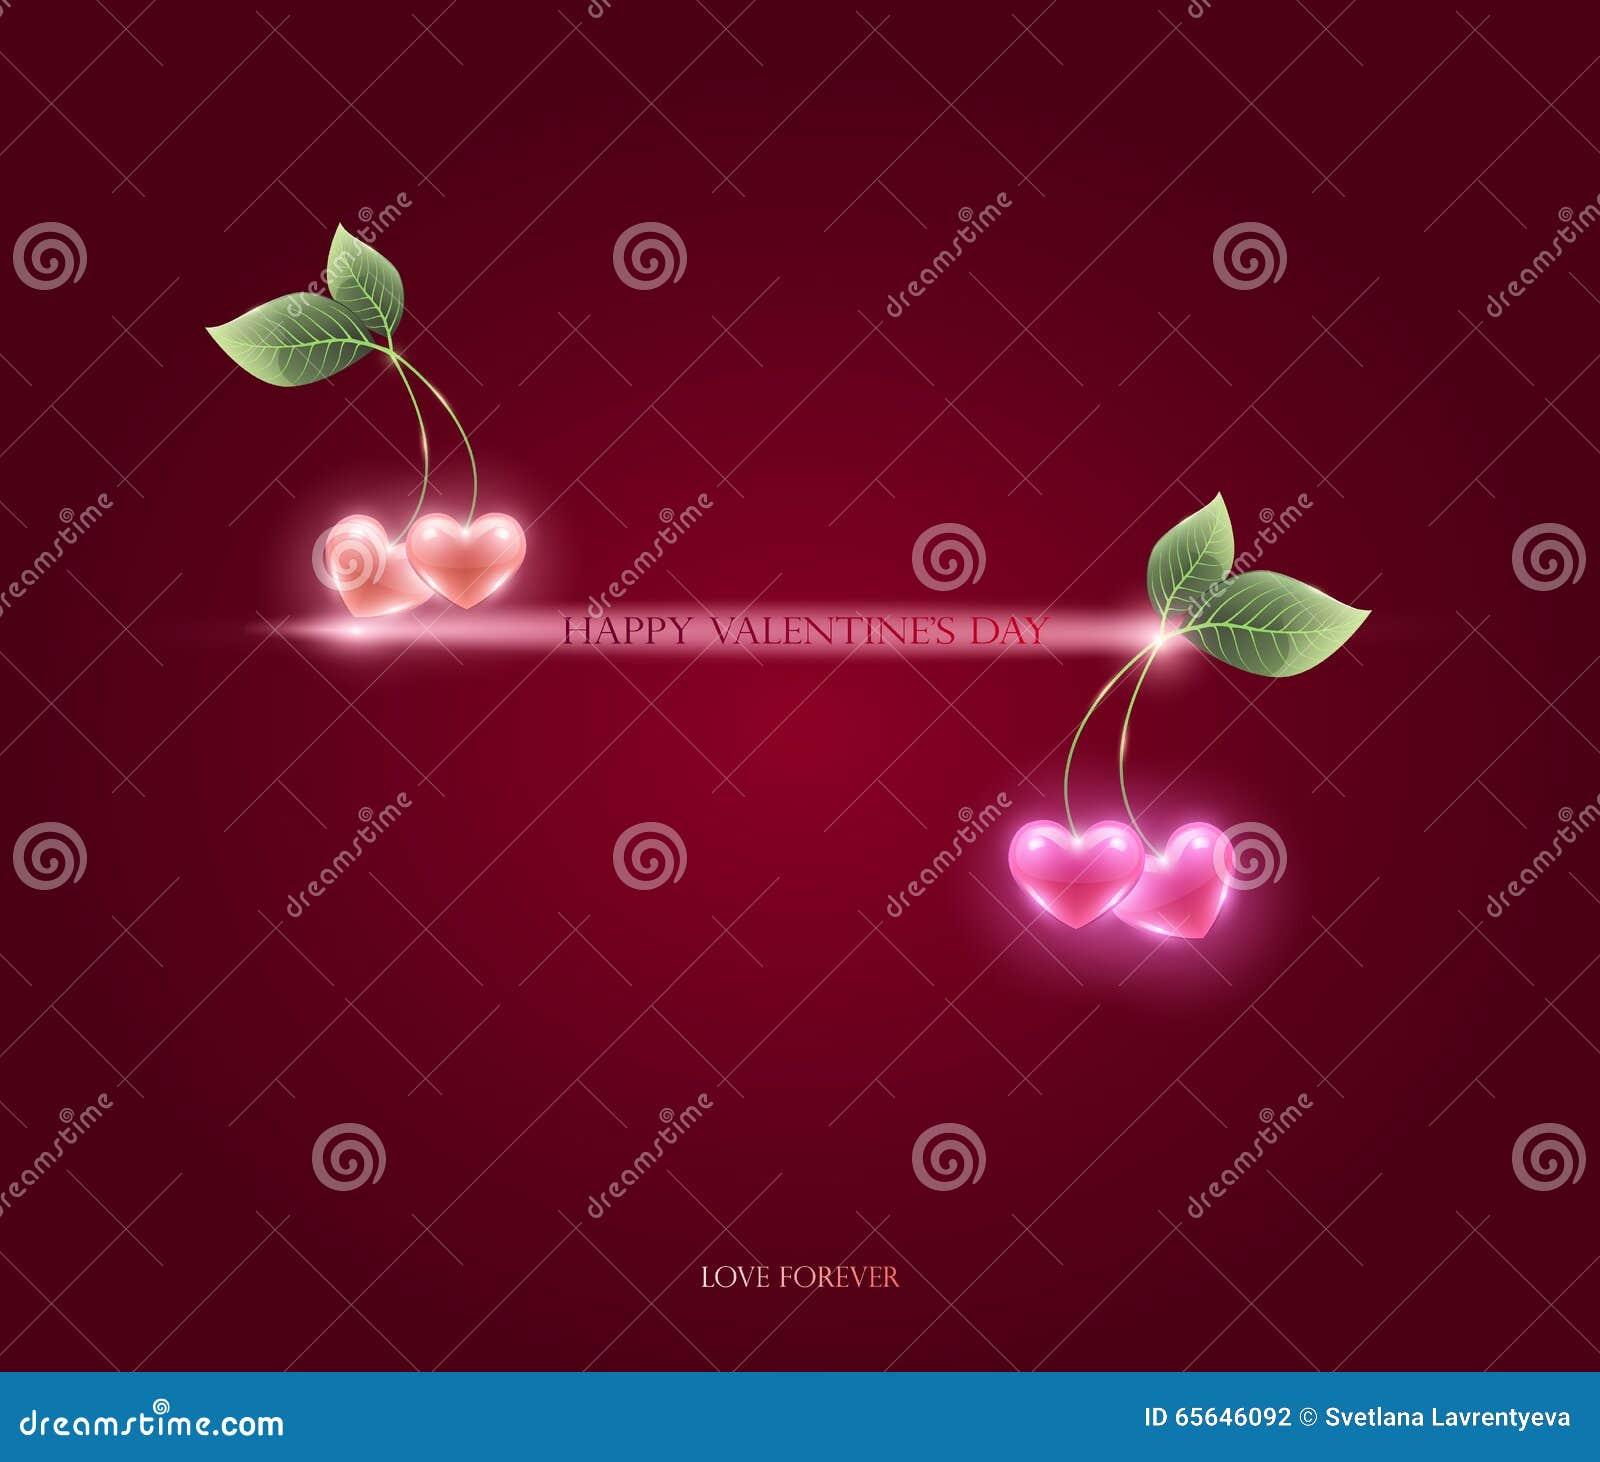 Coeurs et feuille roses de cerise, vecteur félicitations sur Valentin